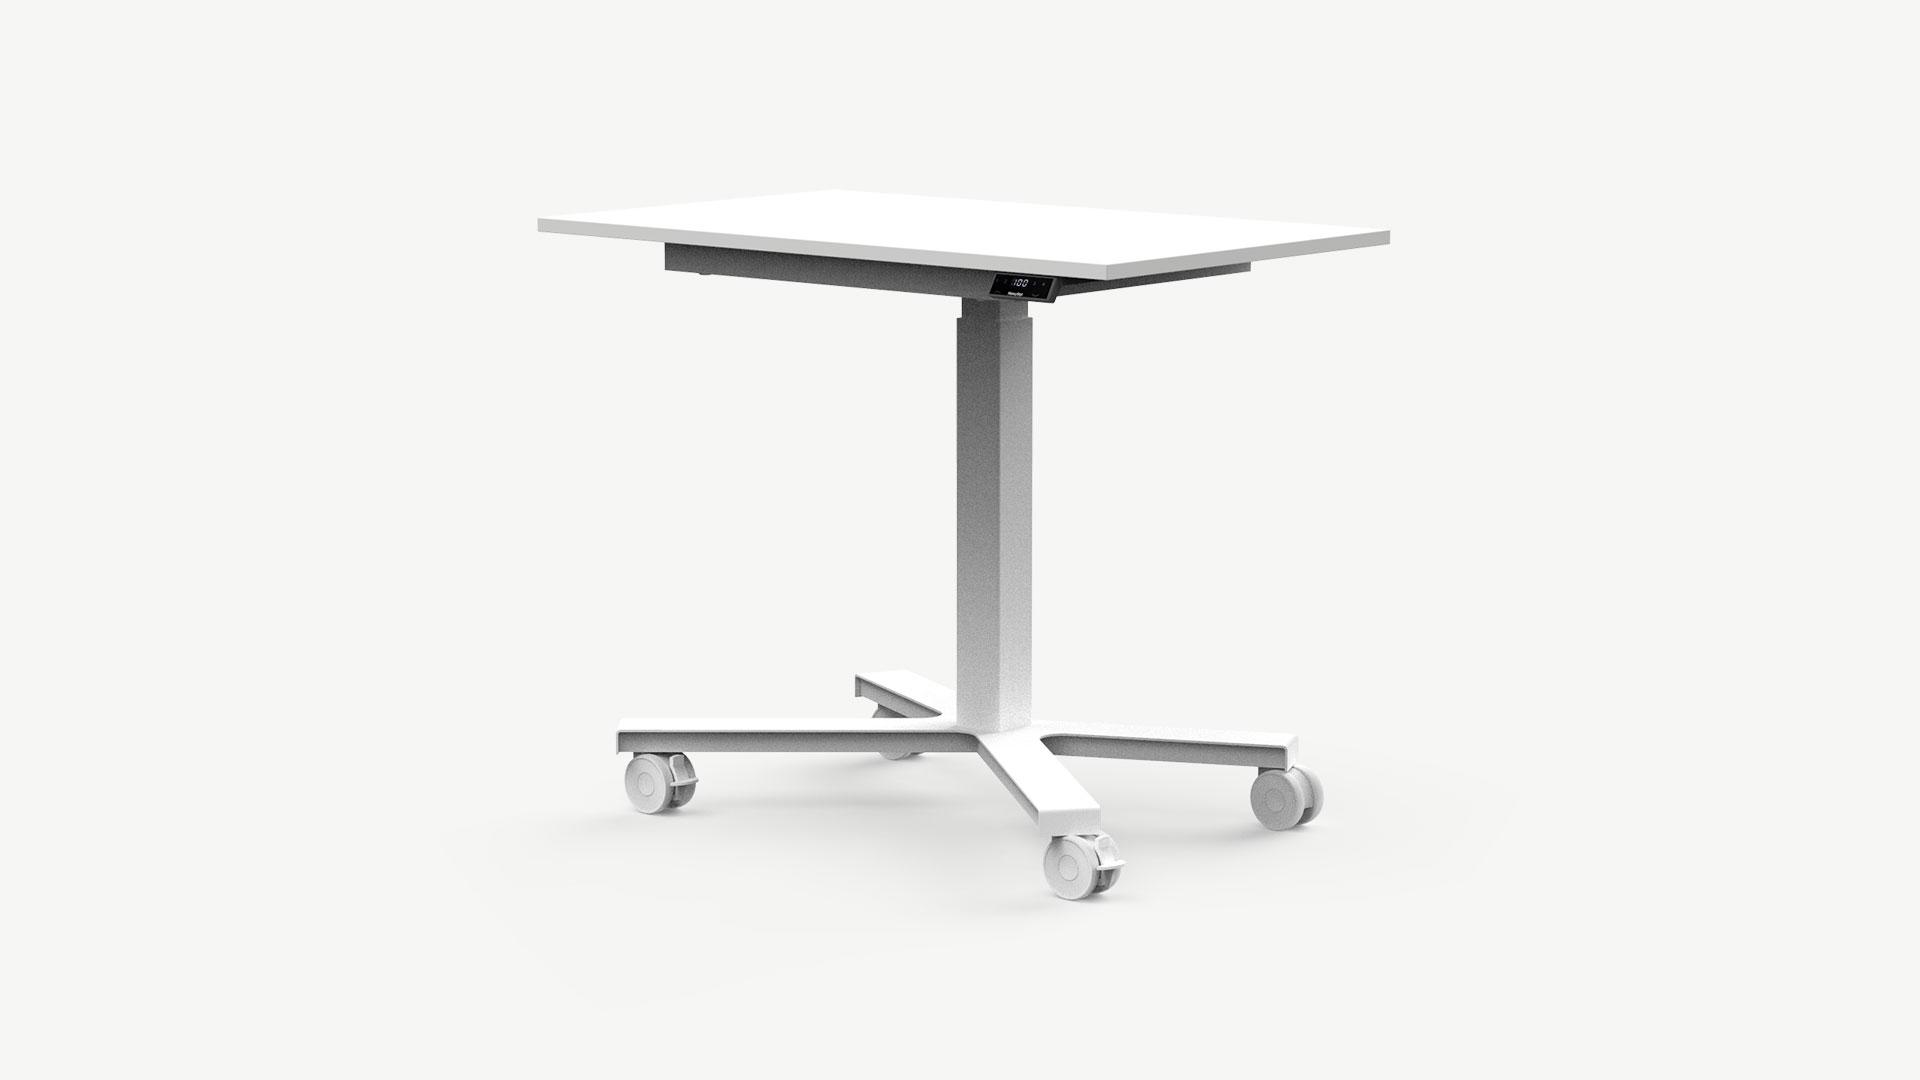 Nowy Styl elektromotorische höhenverstellbarer Tisch eModel 2.0, EM4